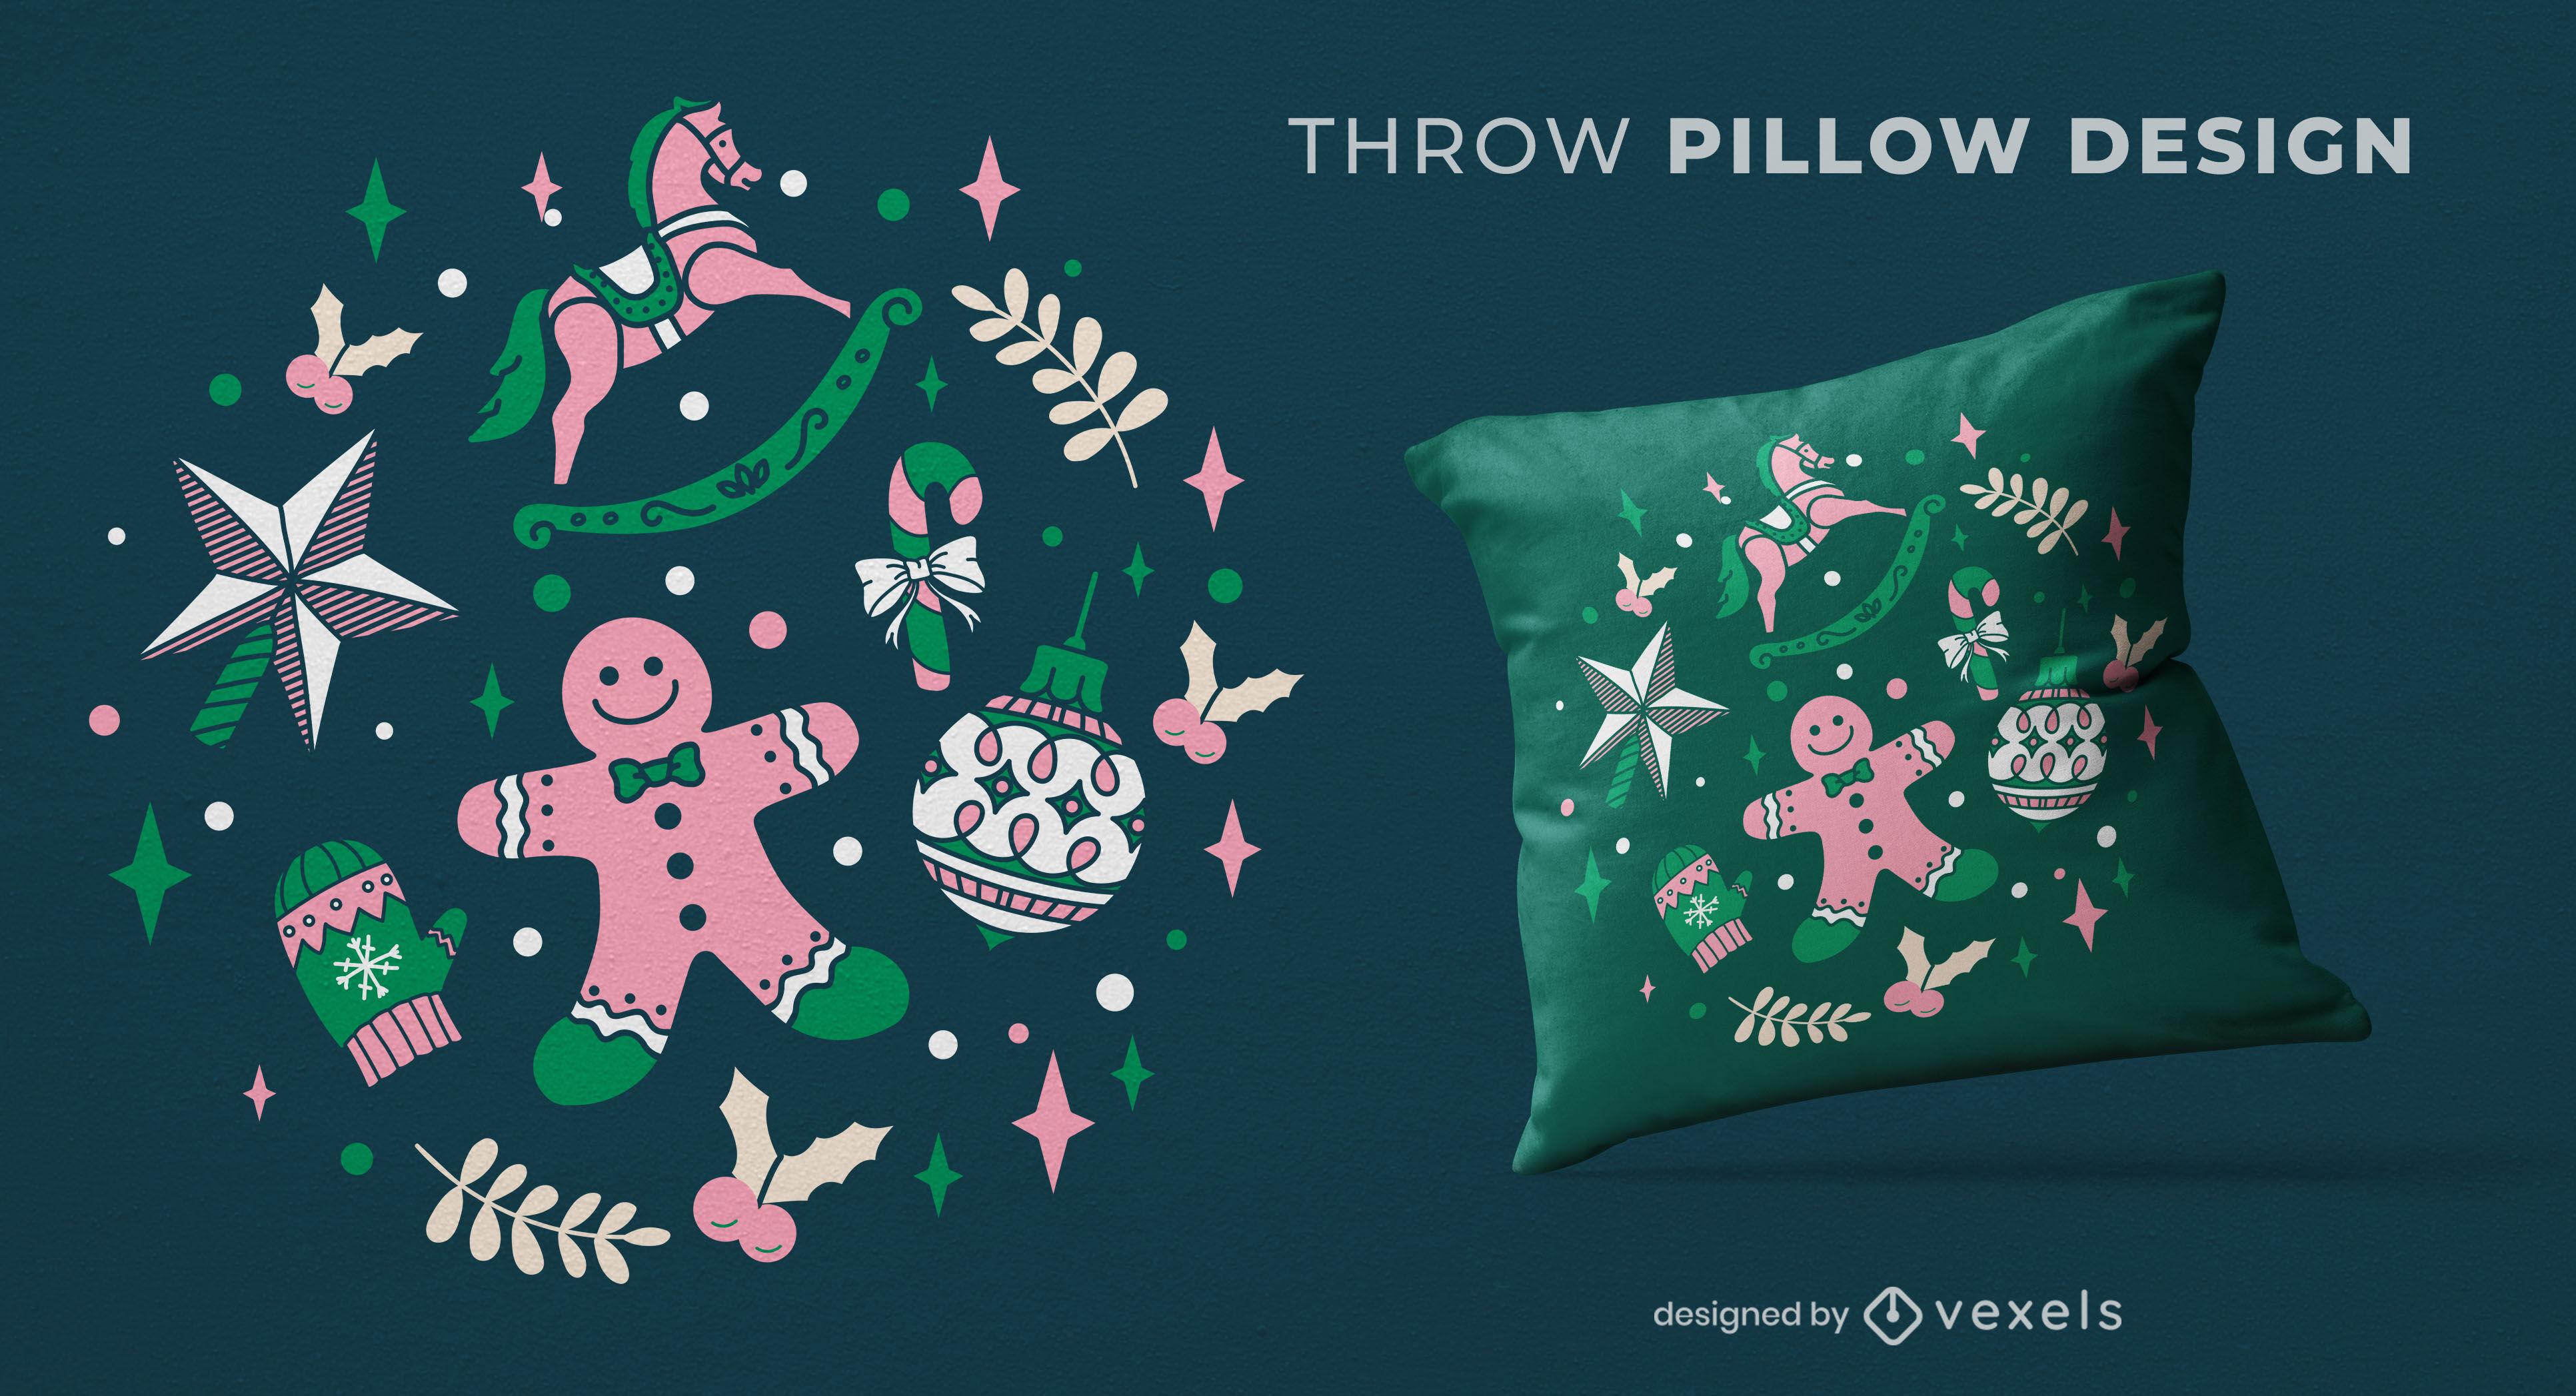 Decoraciones navide?as dise?o de almohada.